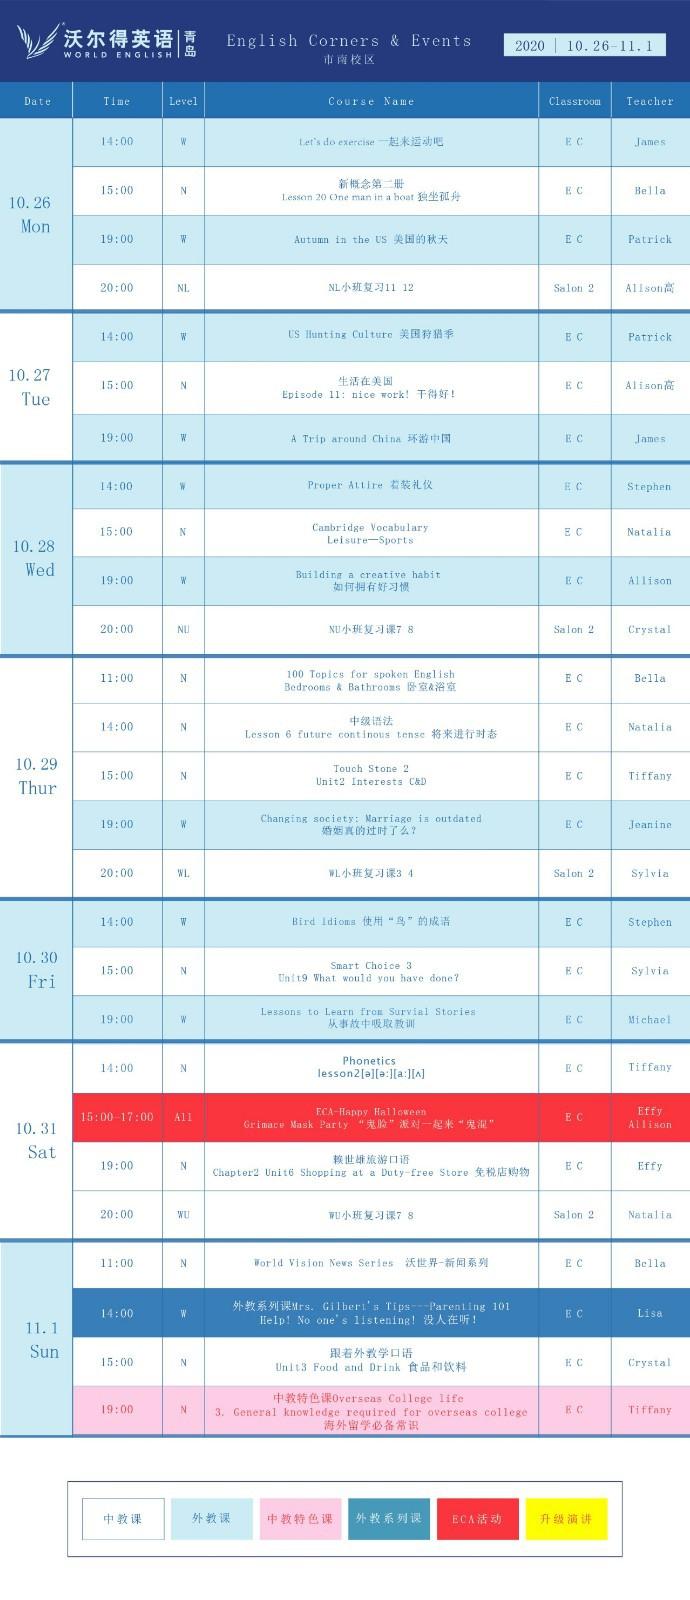 【沃尔得青岛市南英语角】课表2020.10.26-2020.11.1.jpg